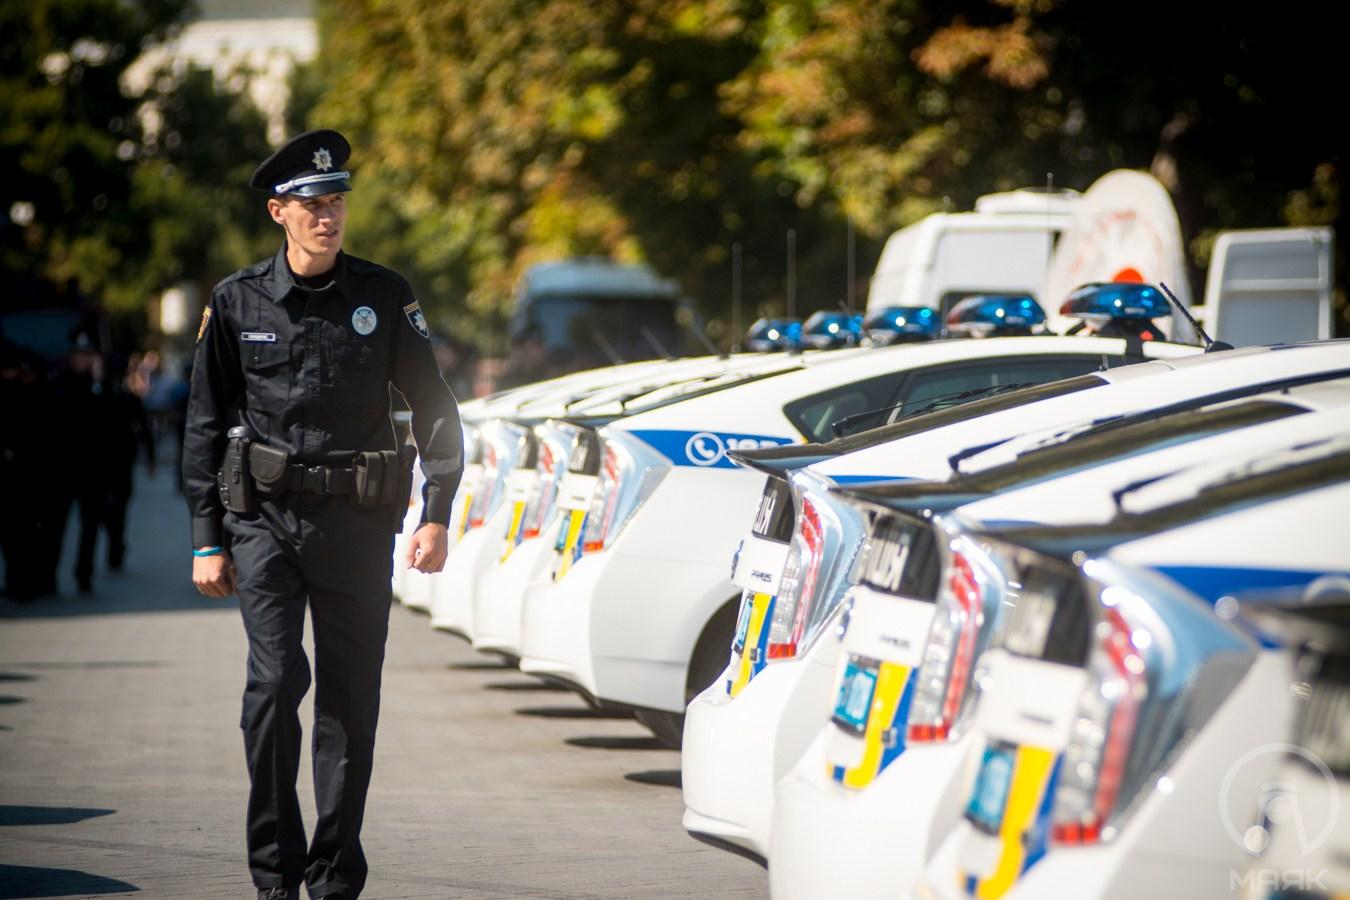 На украинских дорогах появилась «патрульная лжеполиция» 1